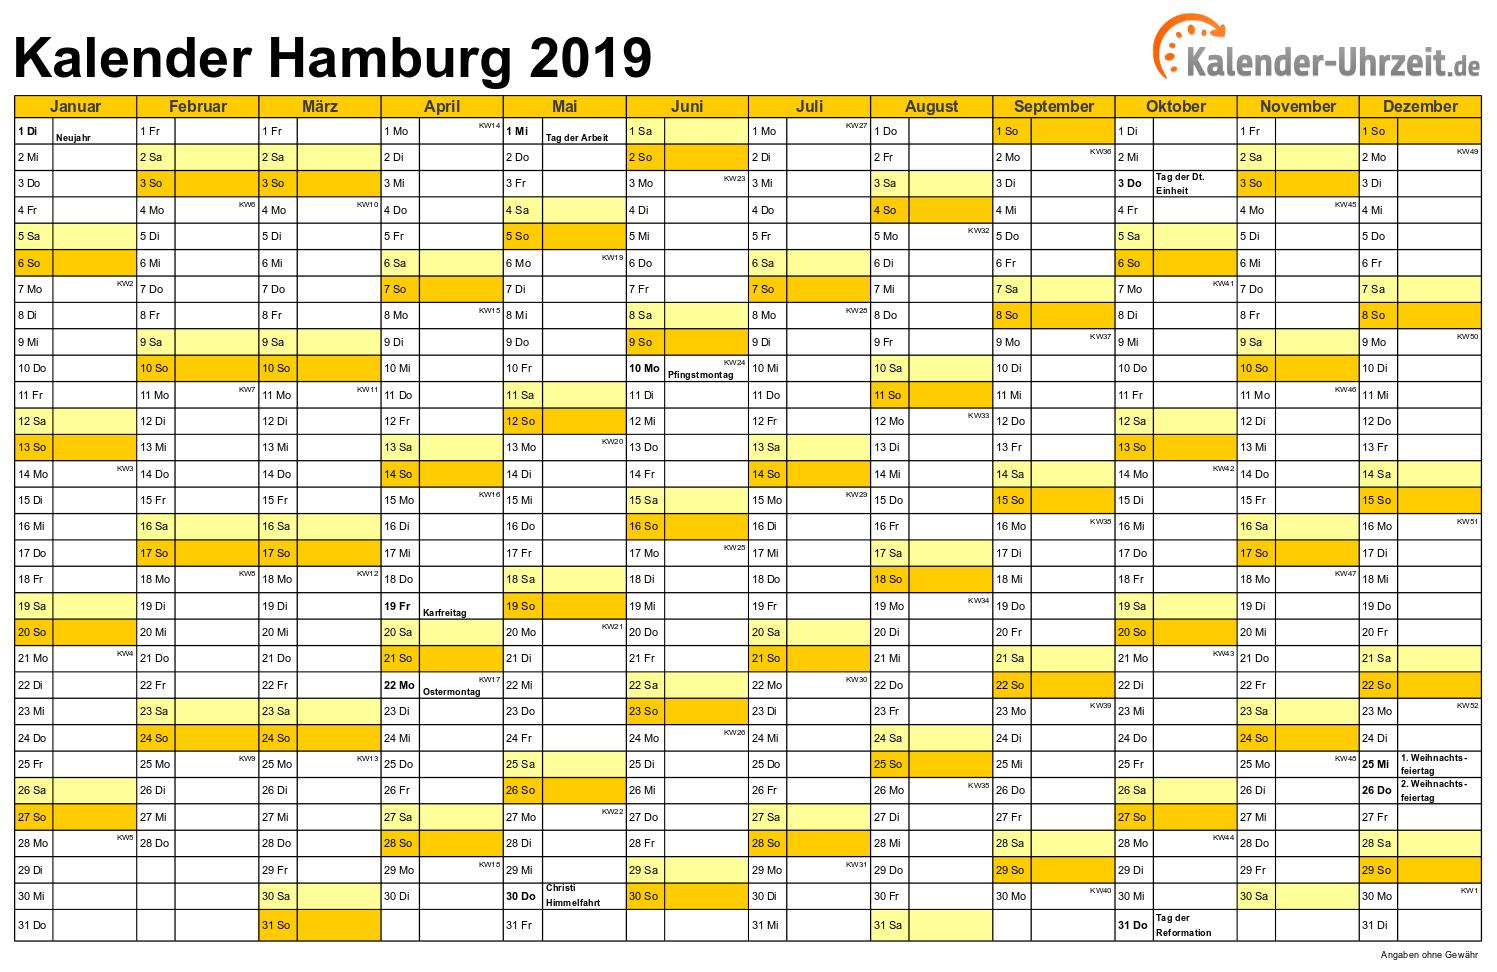 Hamburg Kalender 2019 mit Feiertagen - quer-einseitig